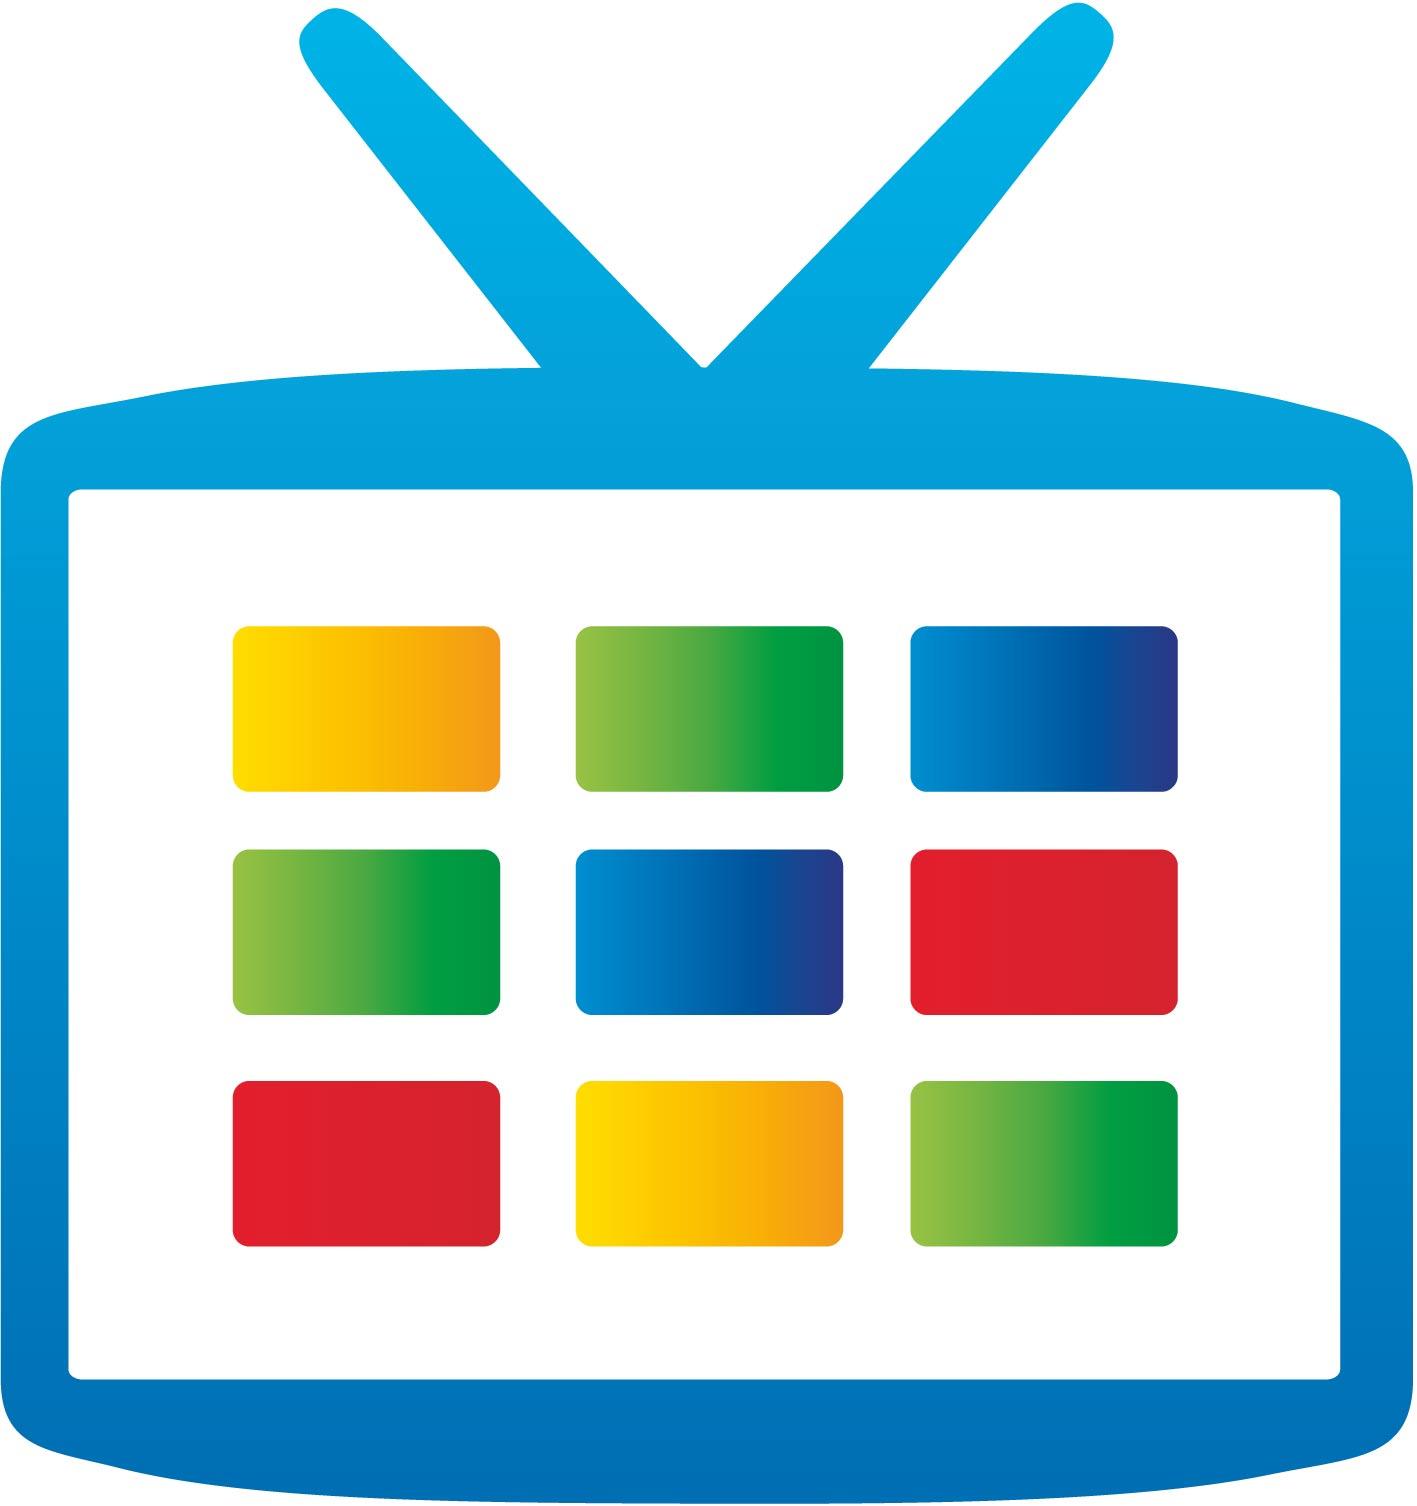 Logitech ha presentado Revue, el primer dispositivo Google TV y algunos accesorios 4